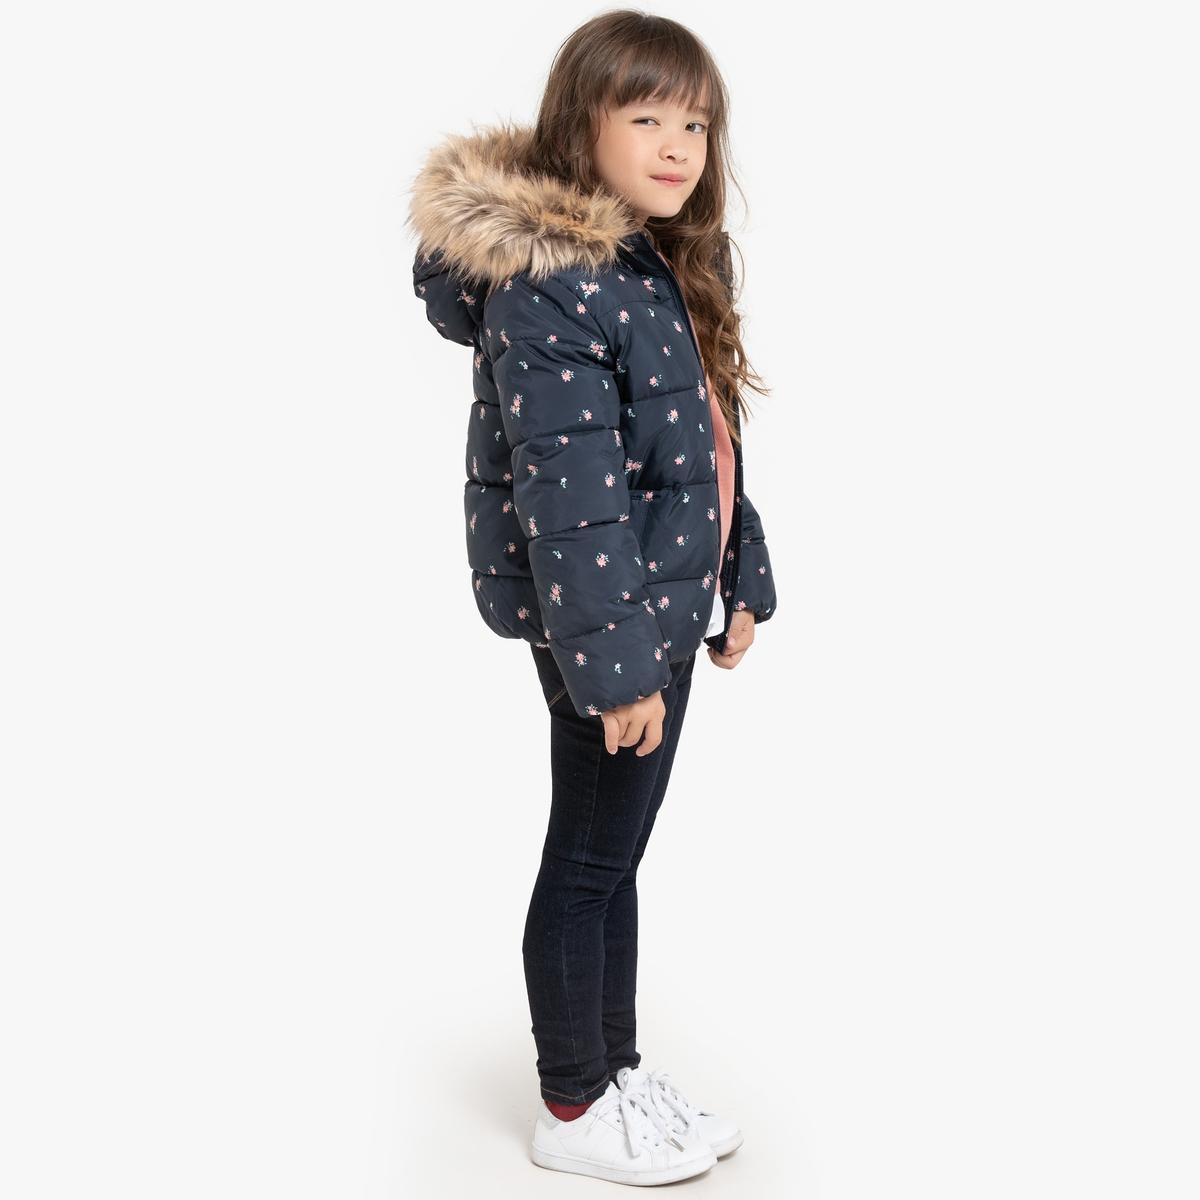 Куртка La Redoute Стеганая с капюшоном короткая с принтом 12 лет -150 см другие пижама la redoute с шортами и цветочным принтом 12 лет 150 см другие